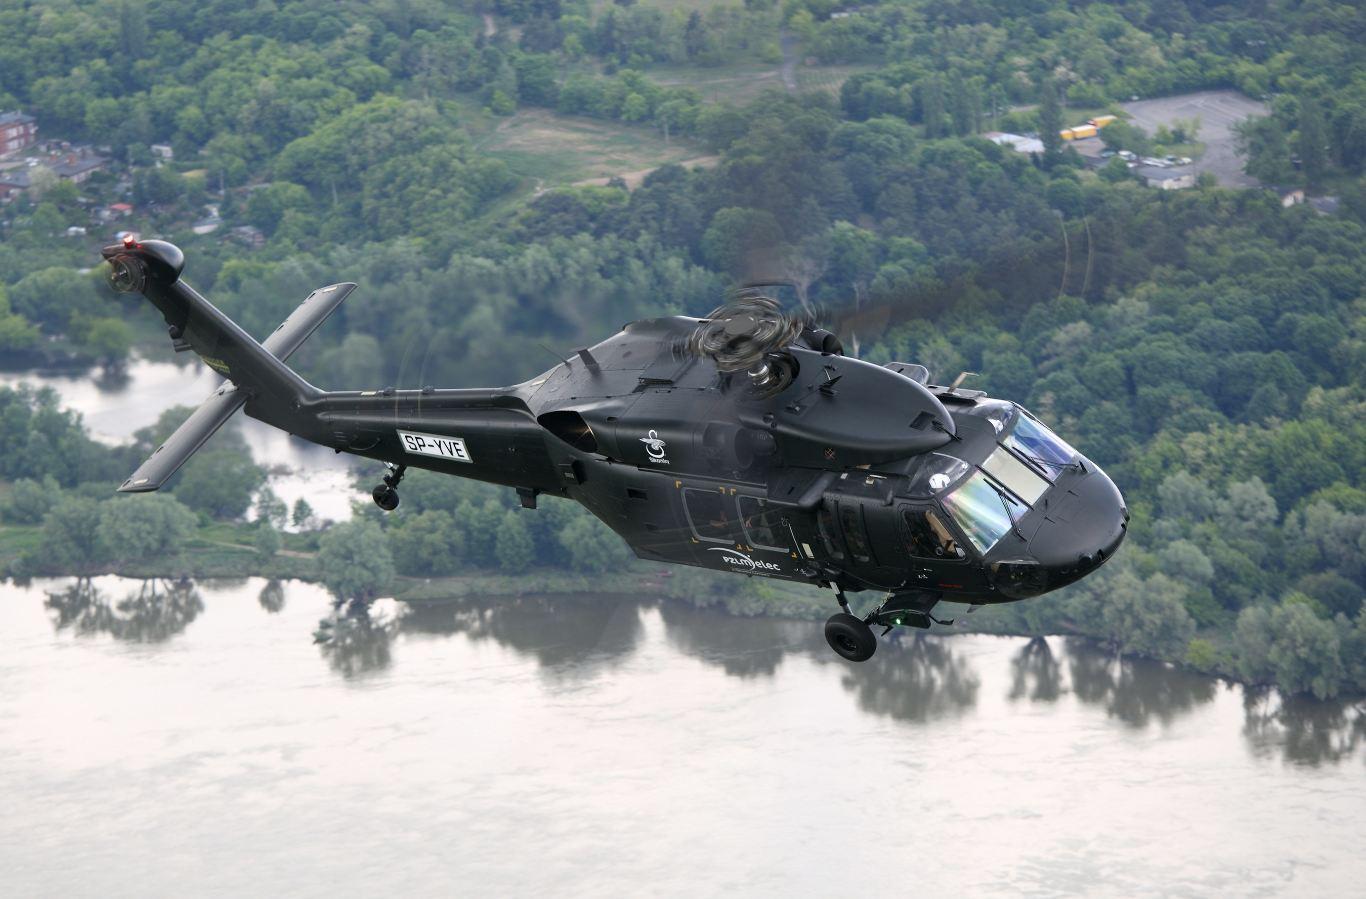 Le Chili commande 6 hélicoptères Black Hawk